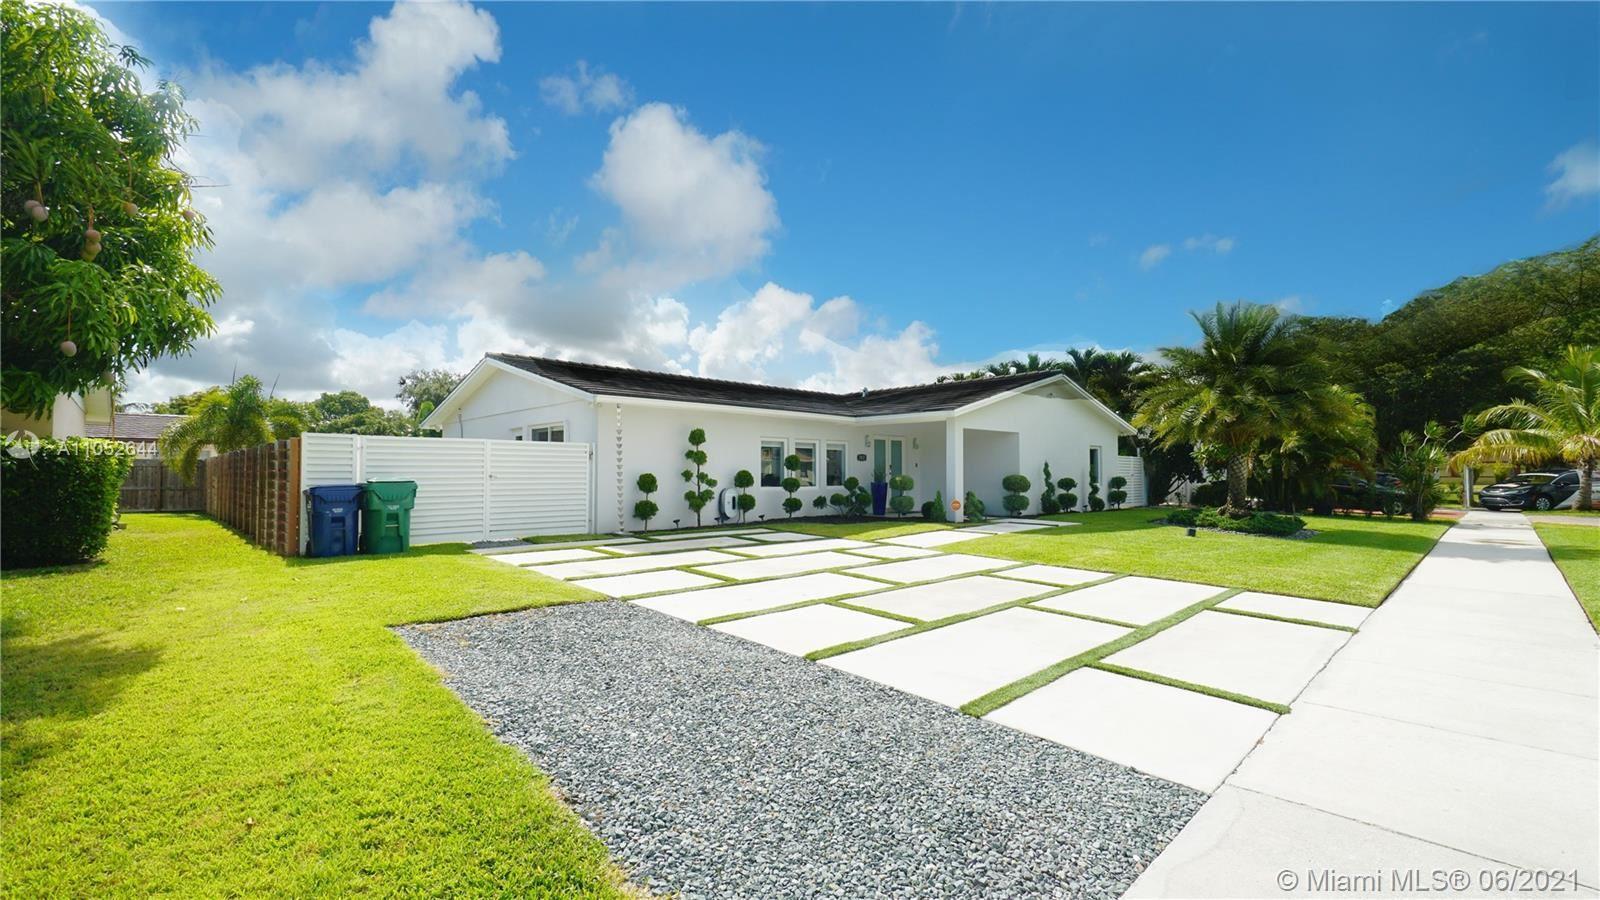 7431 SW 130th Ave, Miami, FL 33183 - #: A11052644